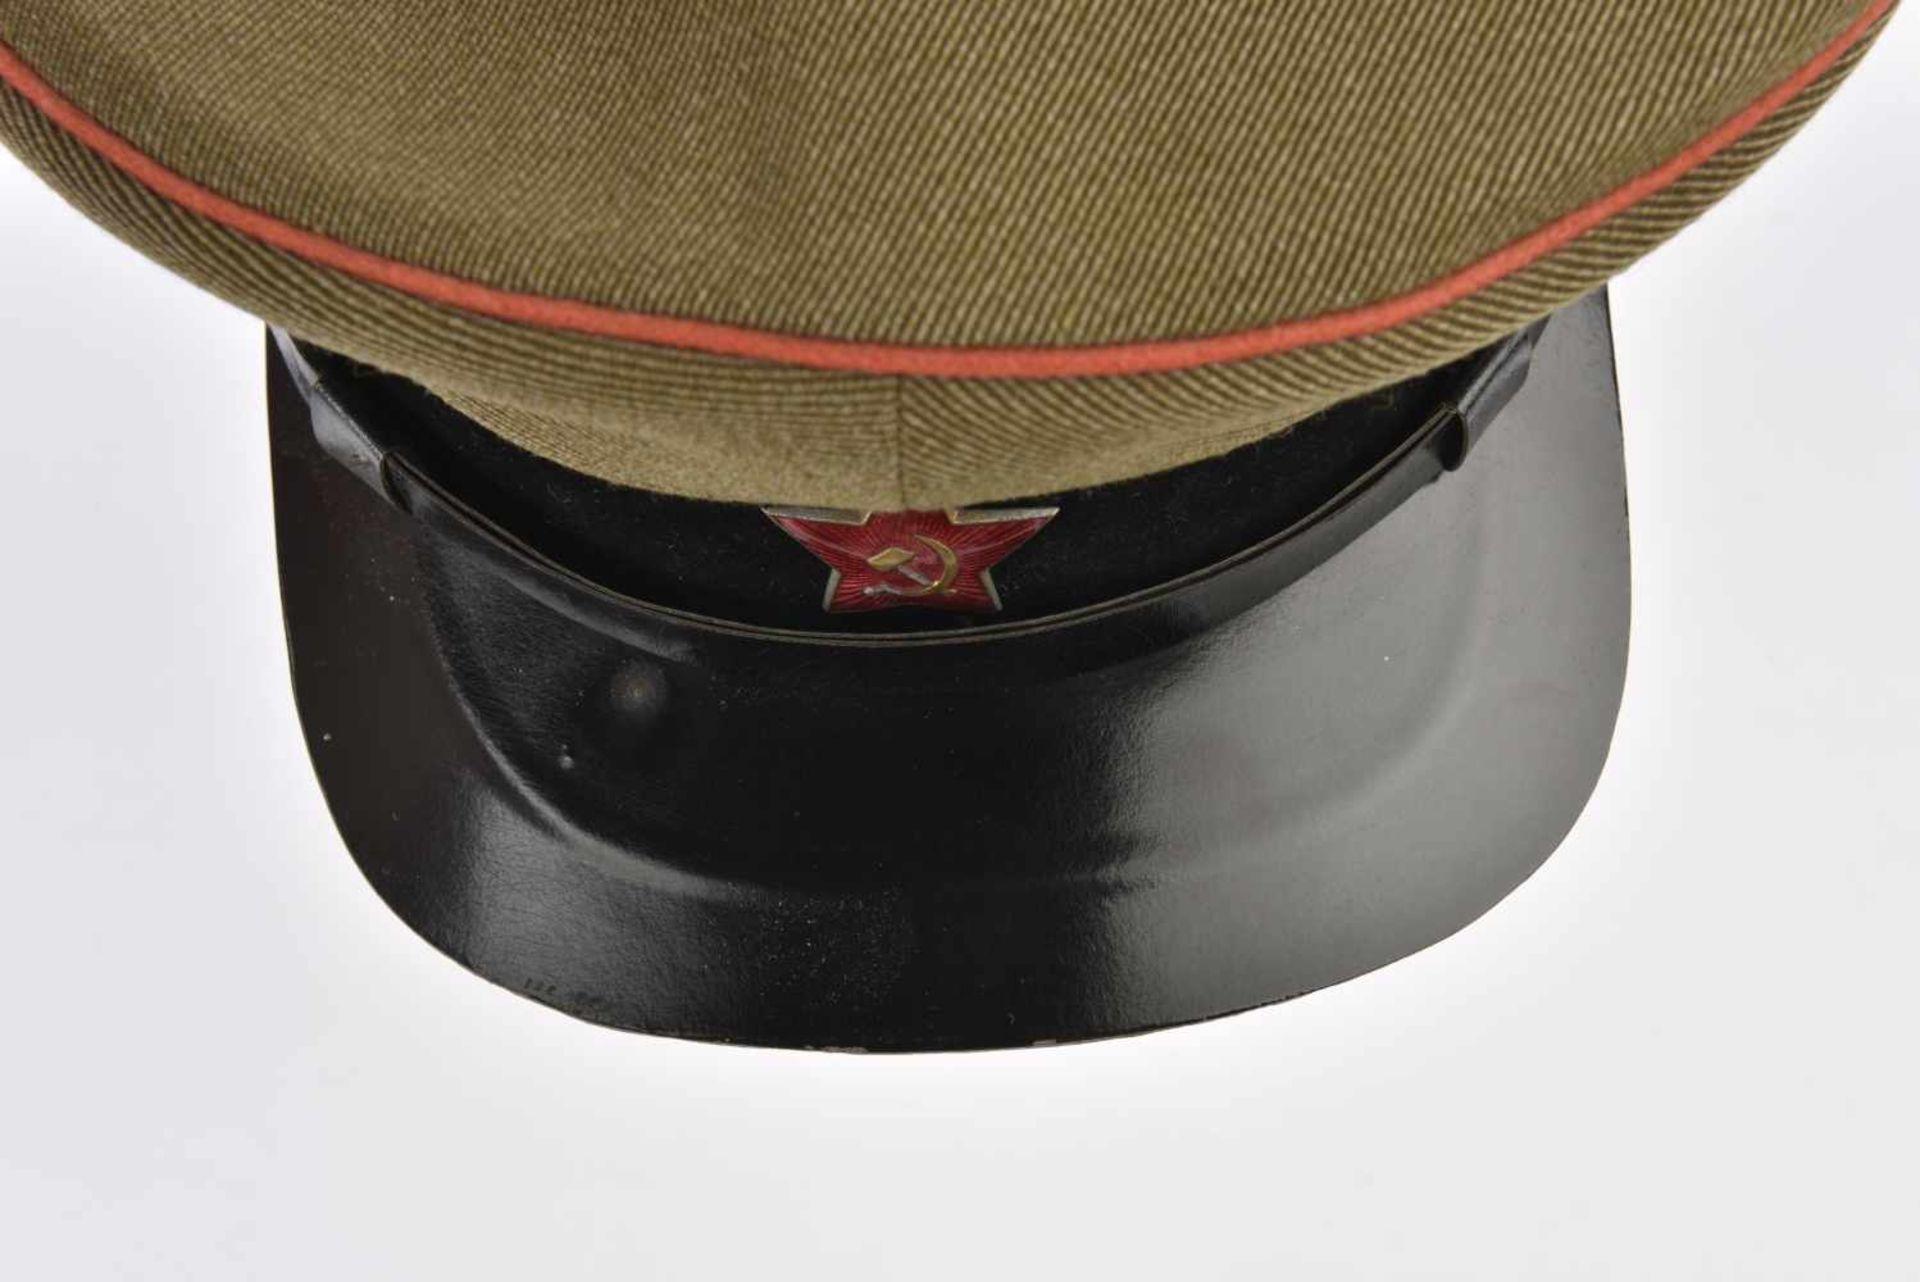 Casquette M.35 Artillerie bandeau velours noir et passepoil rouge, taille 57, fabrication - Bild 2 aus 4